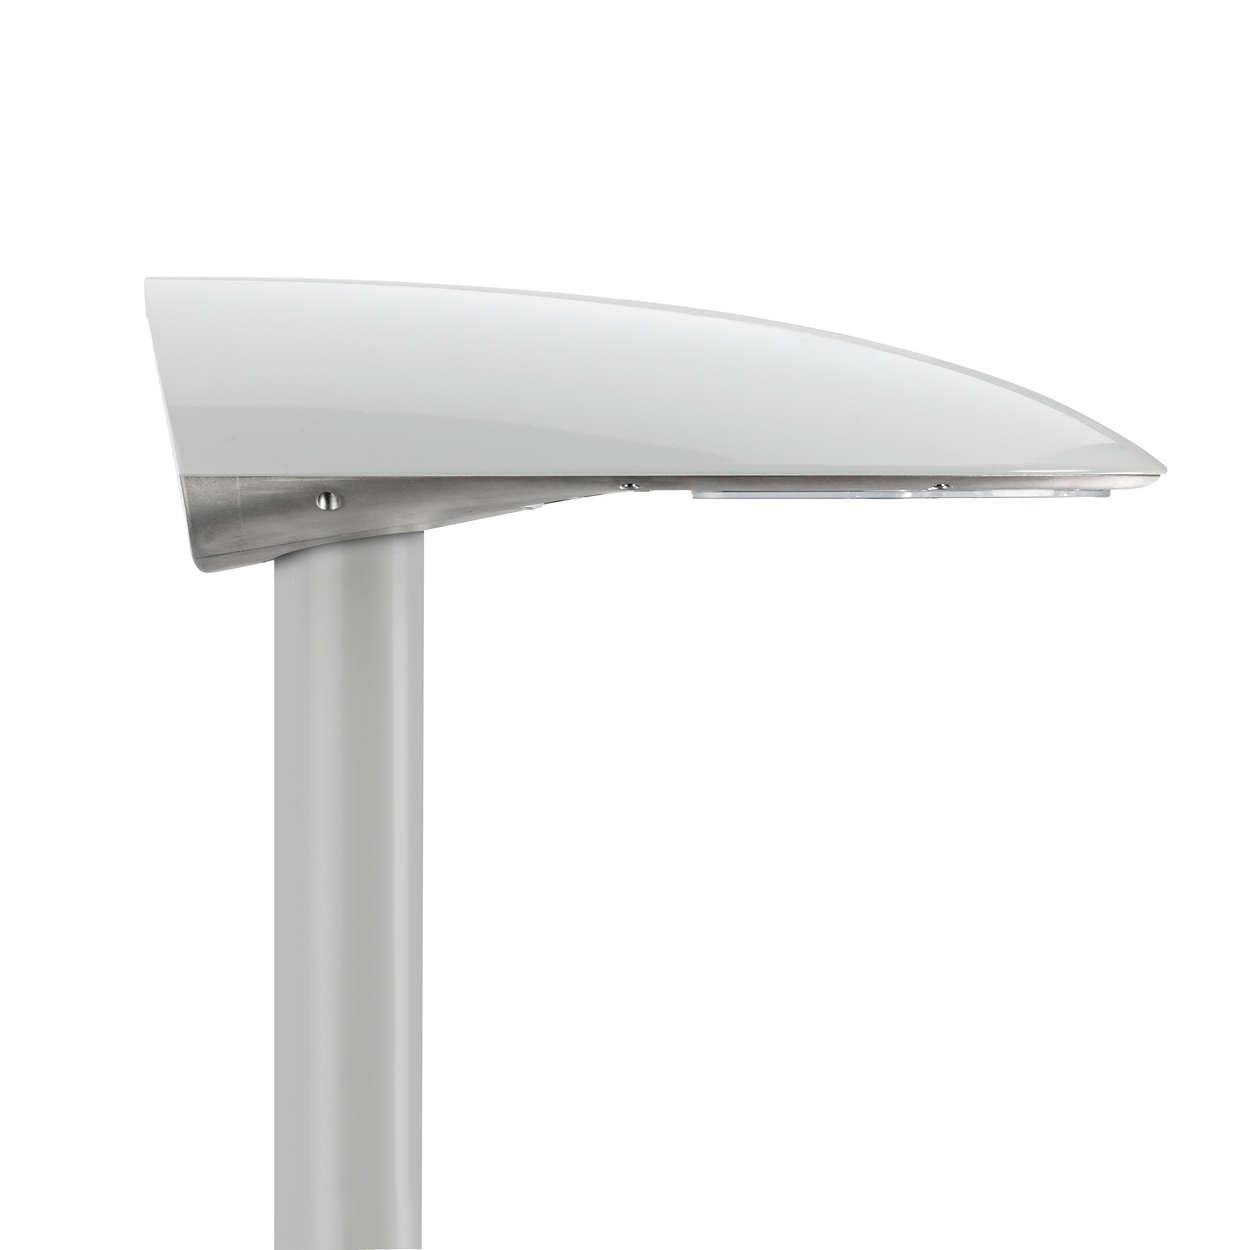 Iridium 3 LED – Le luminaire d'éclairage fonctionnel routier intelligent connecté « Plug & play »